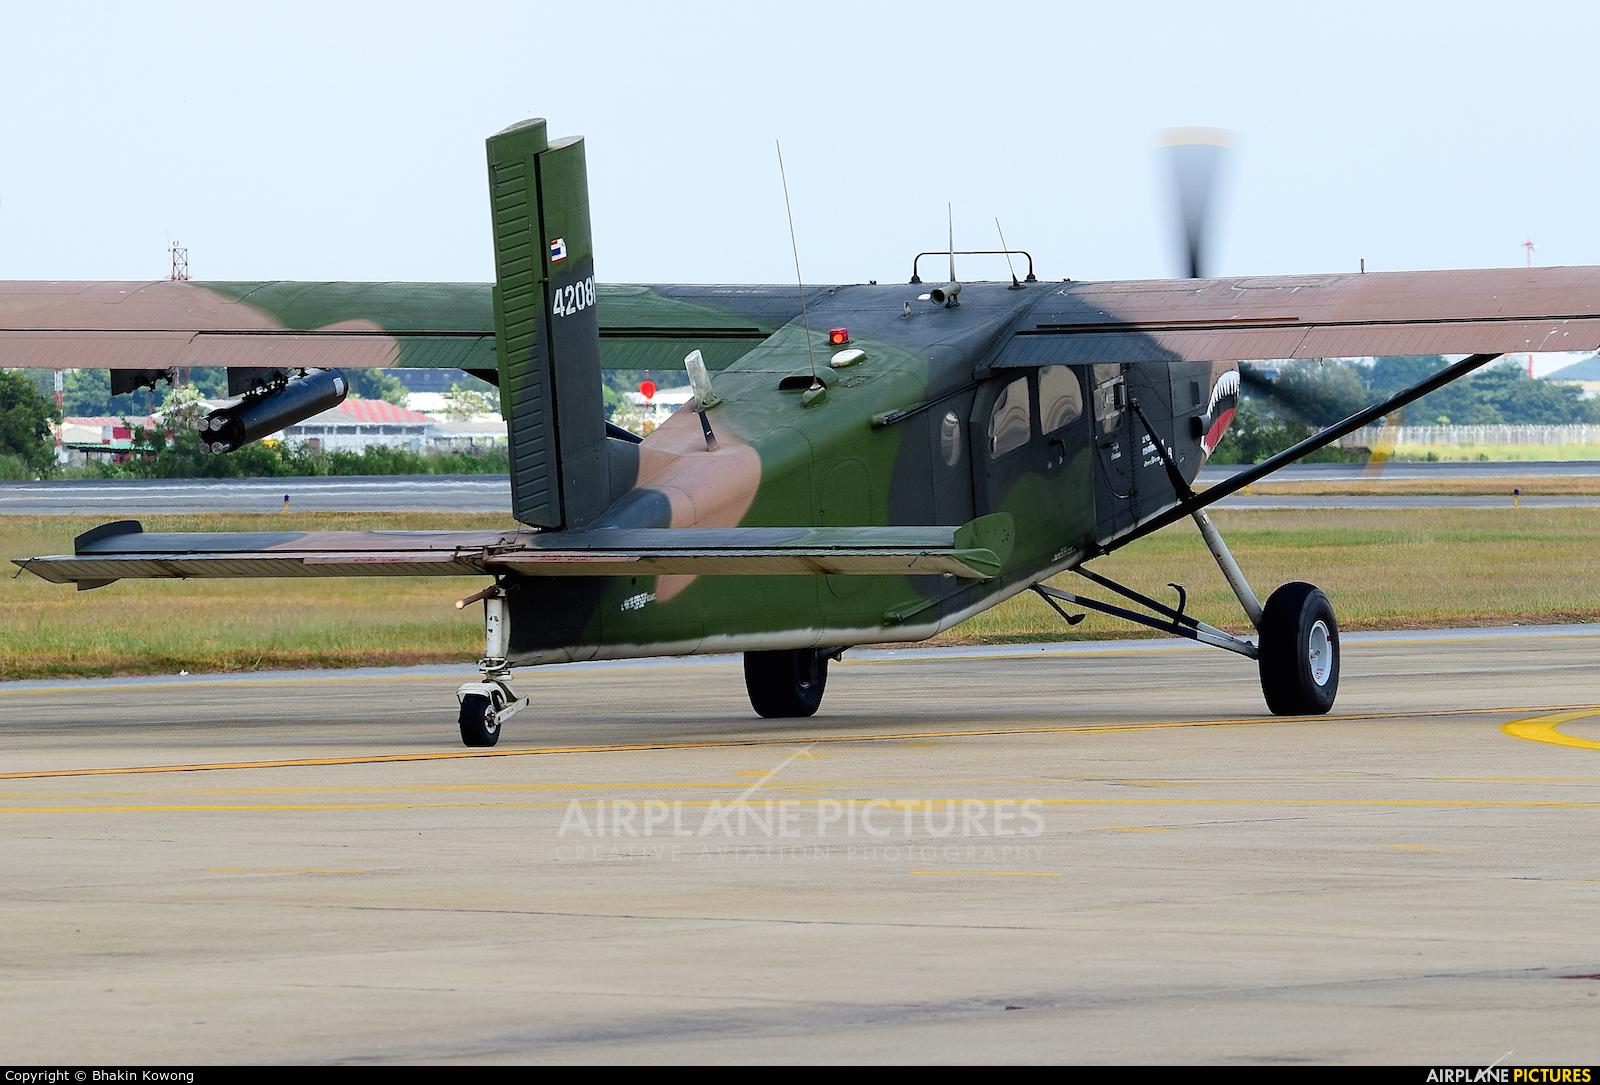 Thailand - Air Force 42081 aircraft at Bangkok - Don Muang